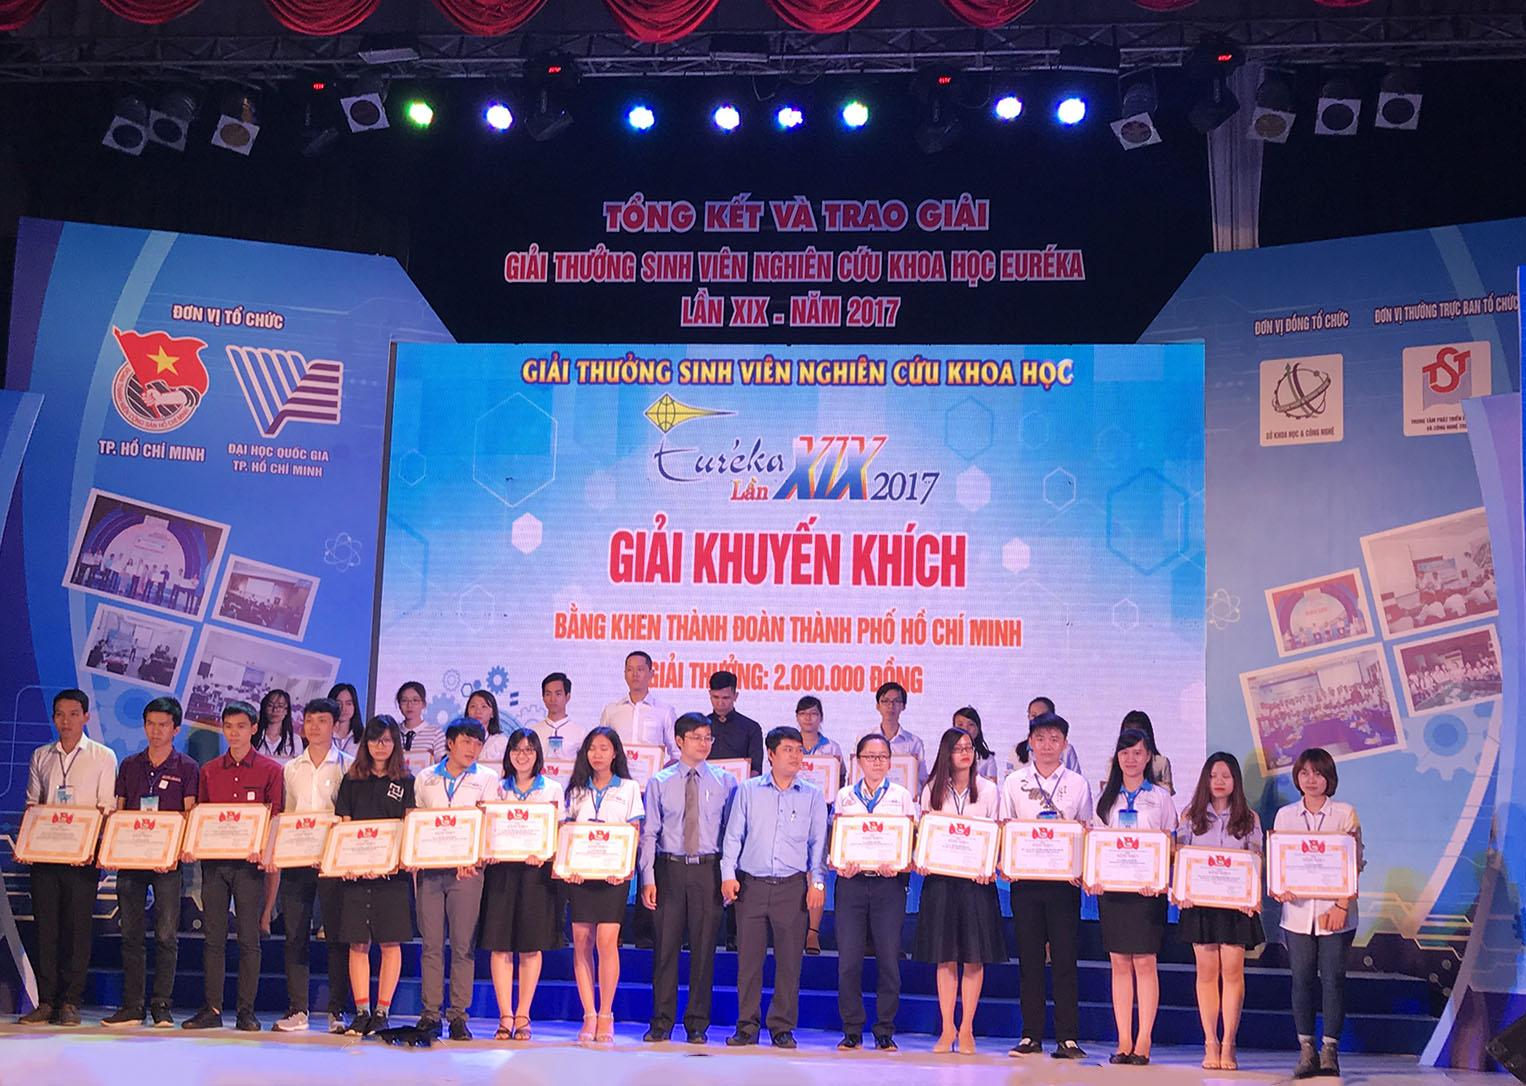 Những thành tích trong nghiên cứu khoa học của sinh viên trường Đại học Văn hóa Hà Nội năm 2017